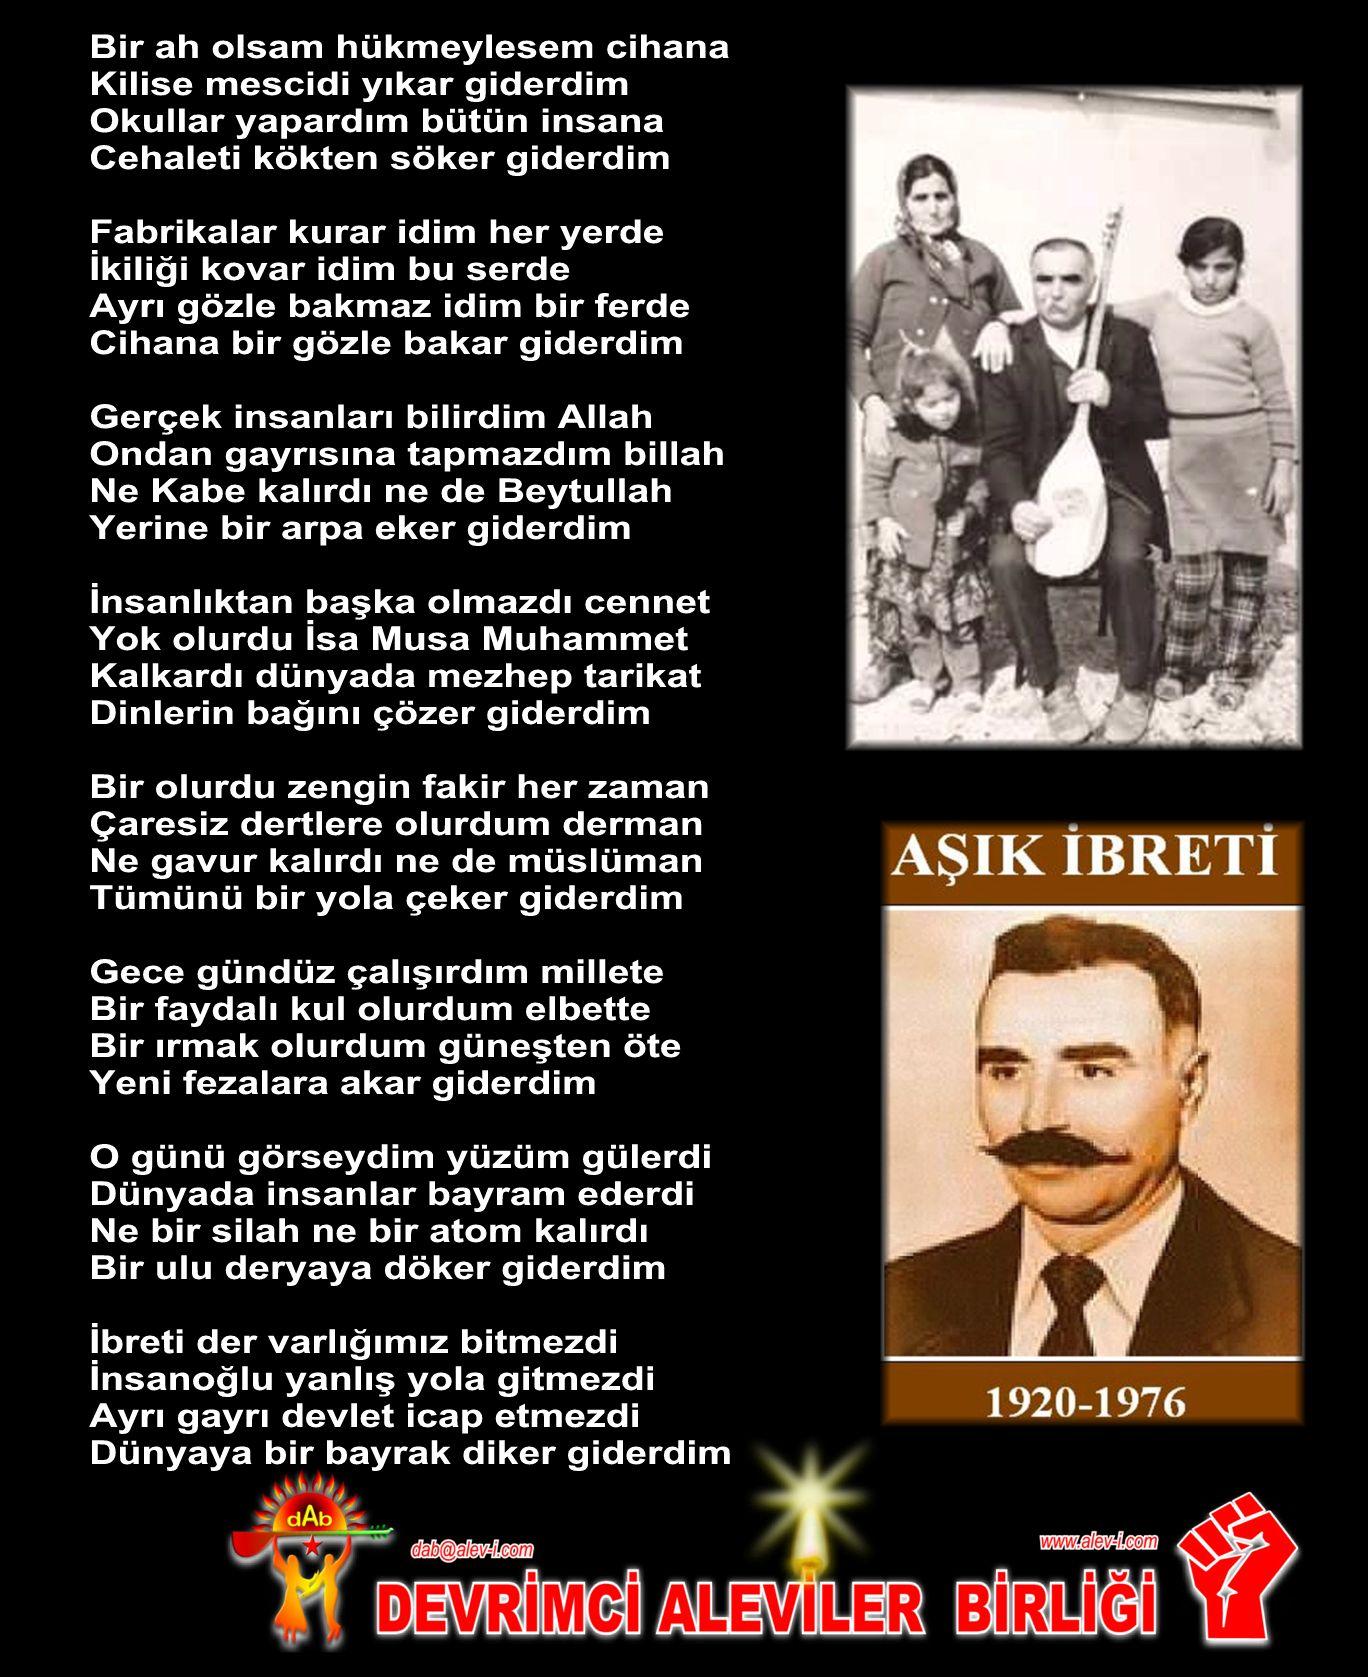 Alevi Bektaşi Kızılbaş Pir Sultan Devrimci Aleviler Birliği DAB ibreti bayrak diker giderdim